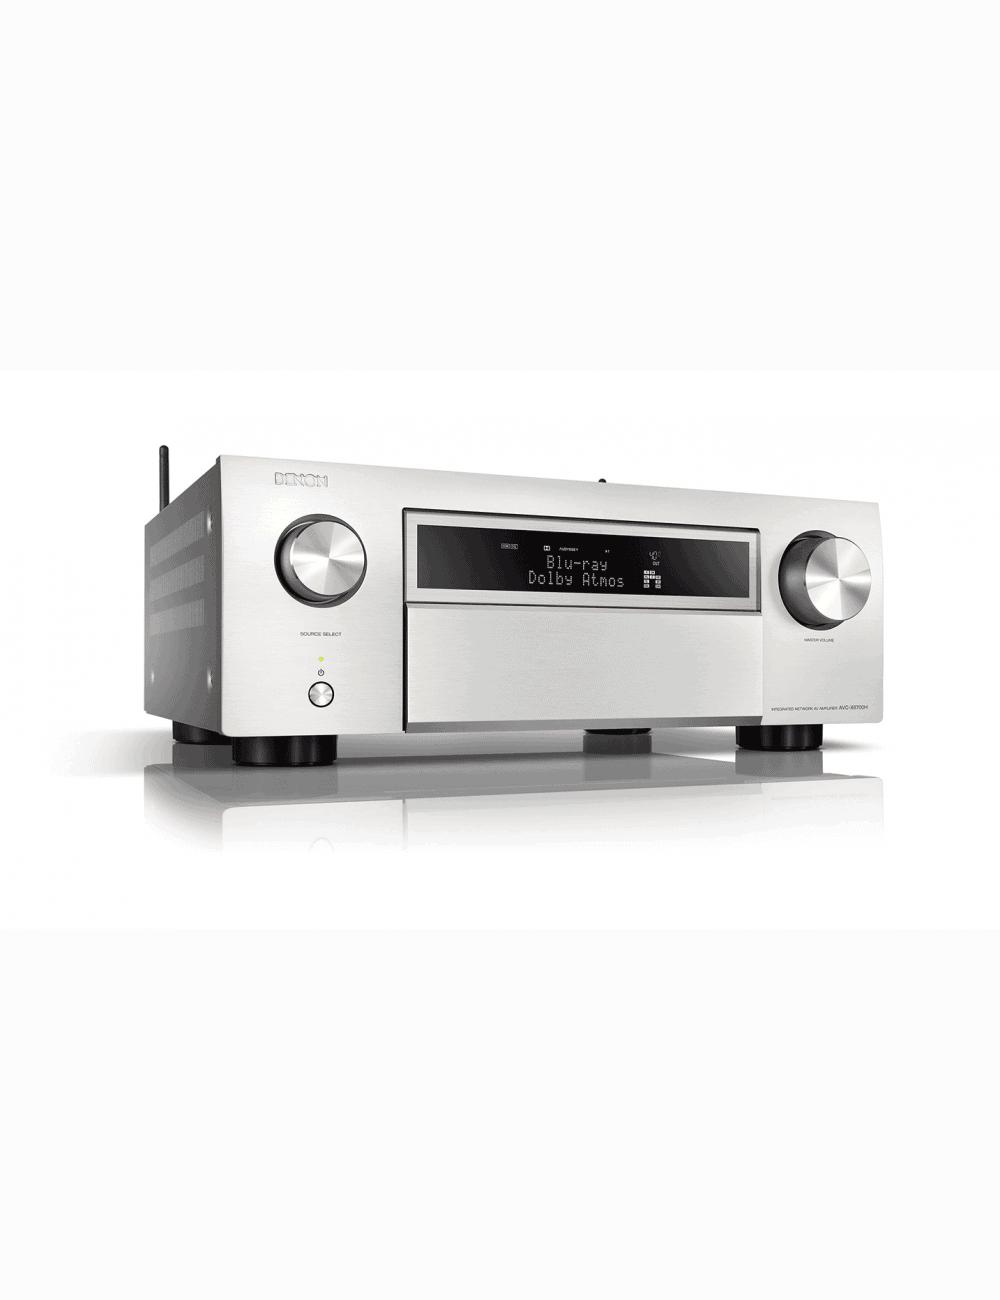 Sintoamplificatore AV 11.2 canali 8K Ultra HD con Audio 3D e HEOS, Denon AVR-X6700H, finitura Silver